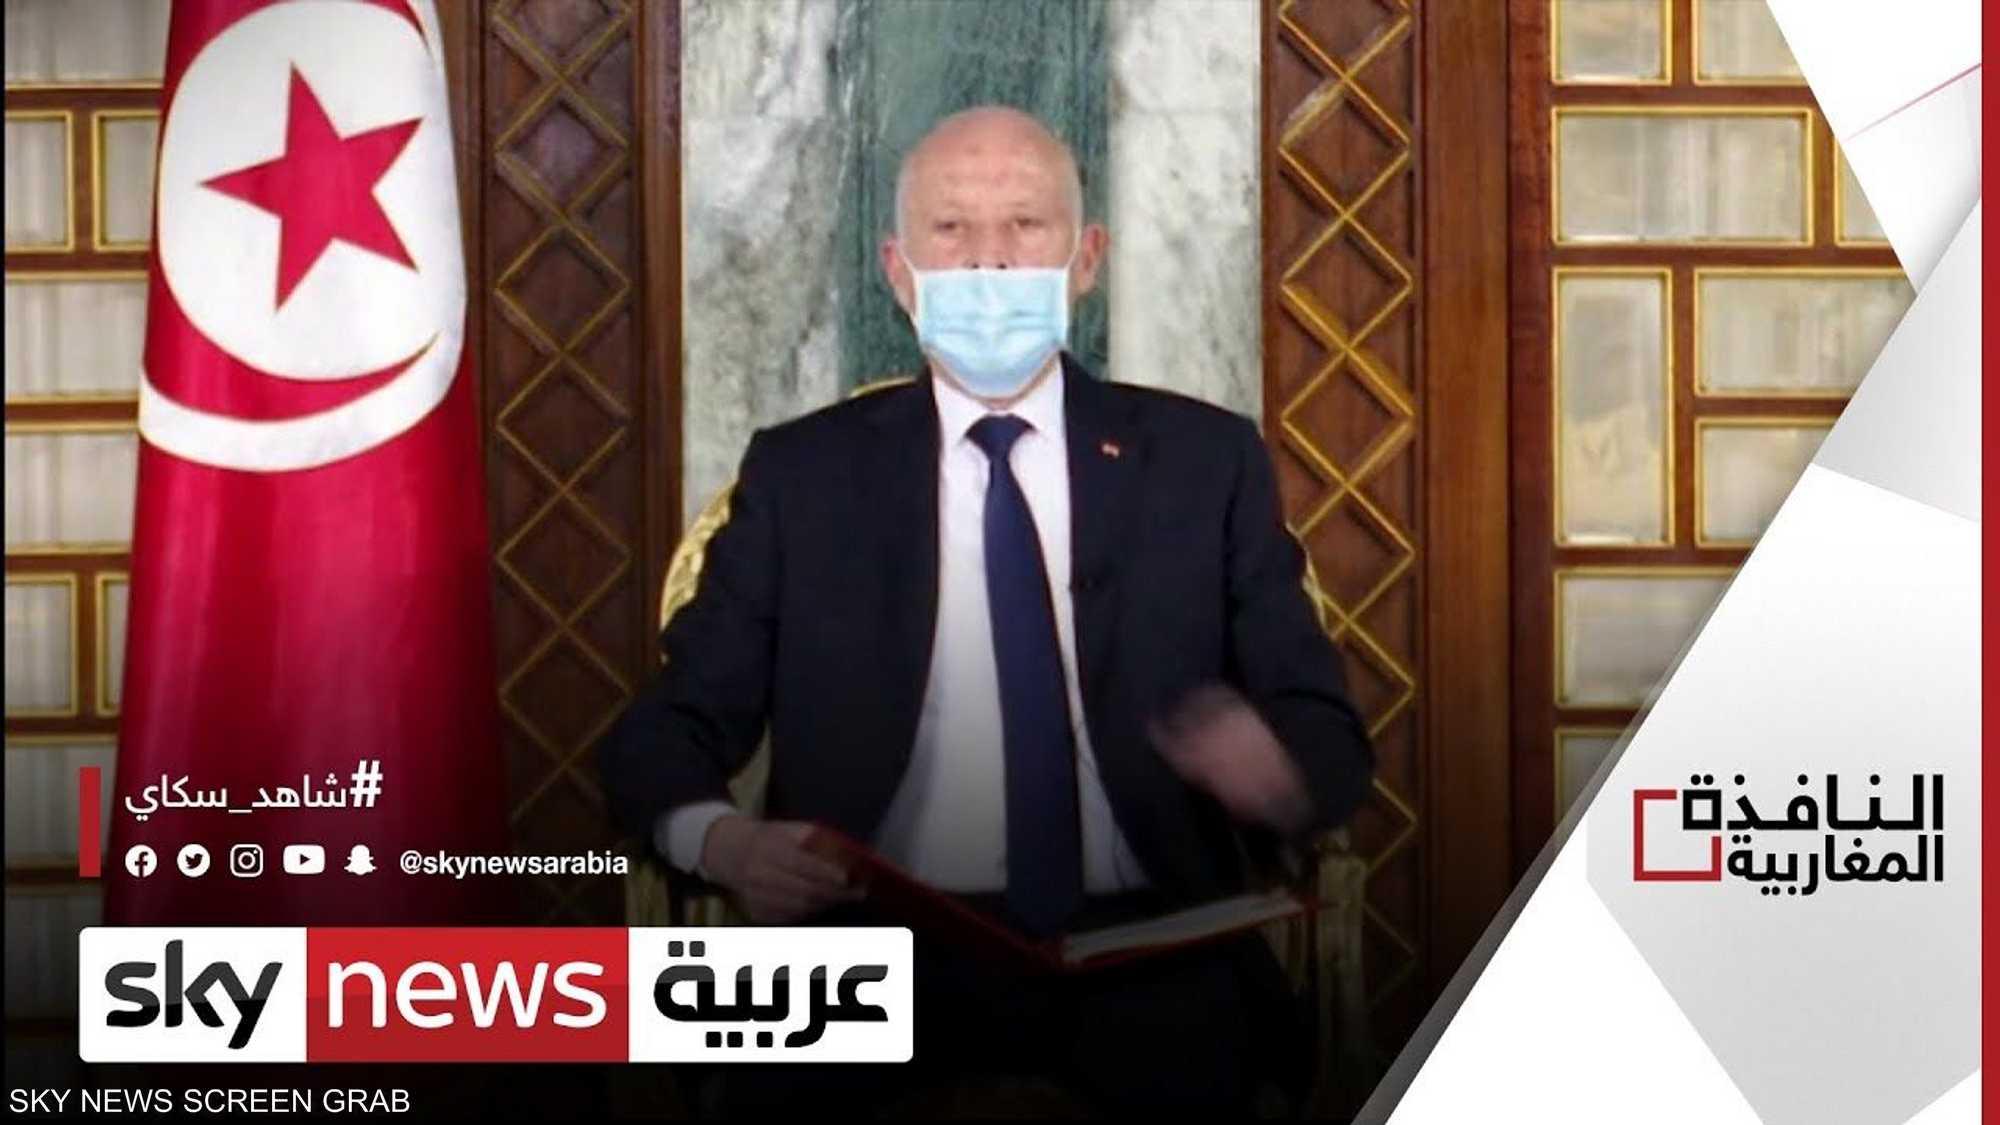 البنك الدولي يمنح تونس تمويلا إضافيا لمواجهة كورونا